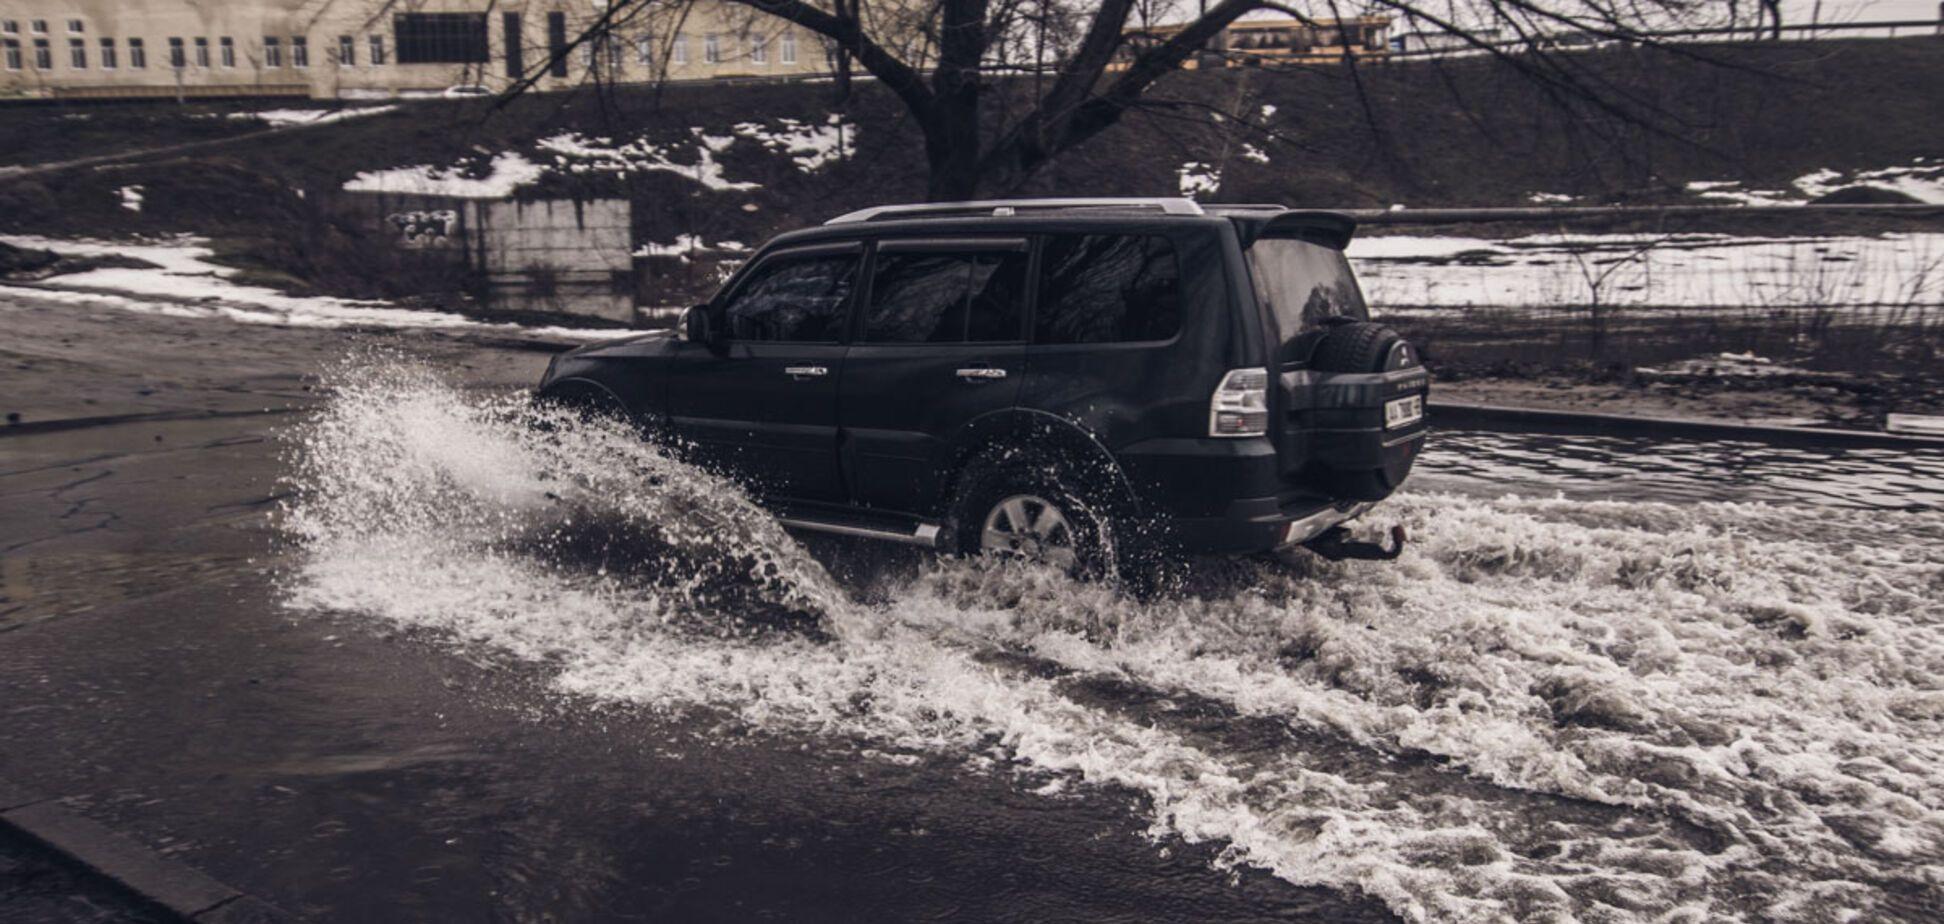 Машины уходят под воду: в Киеве затопило улицу